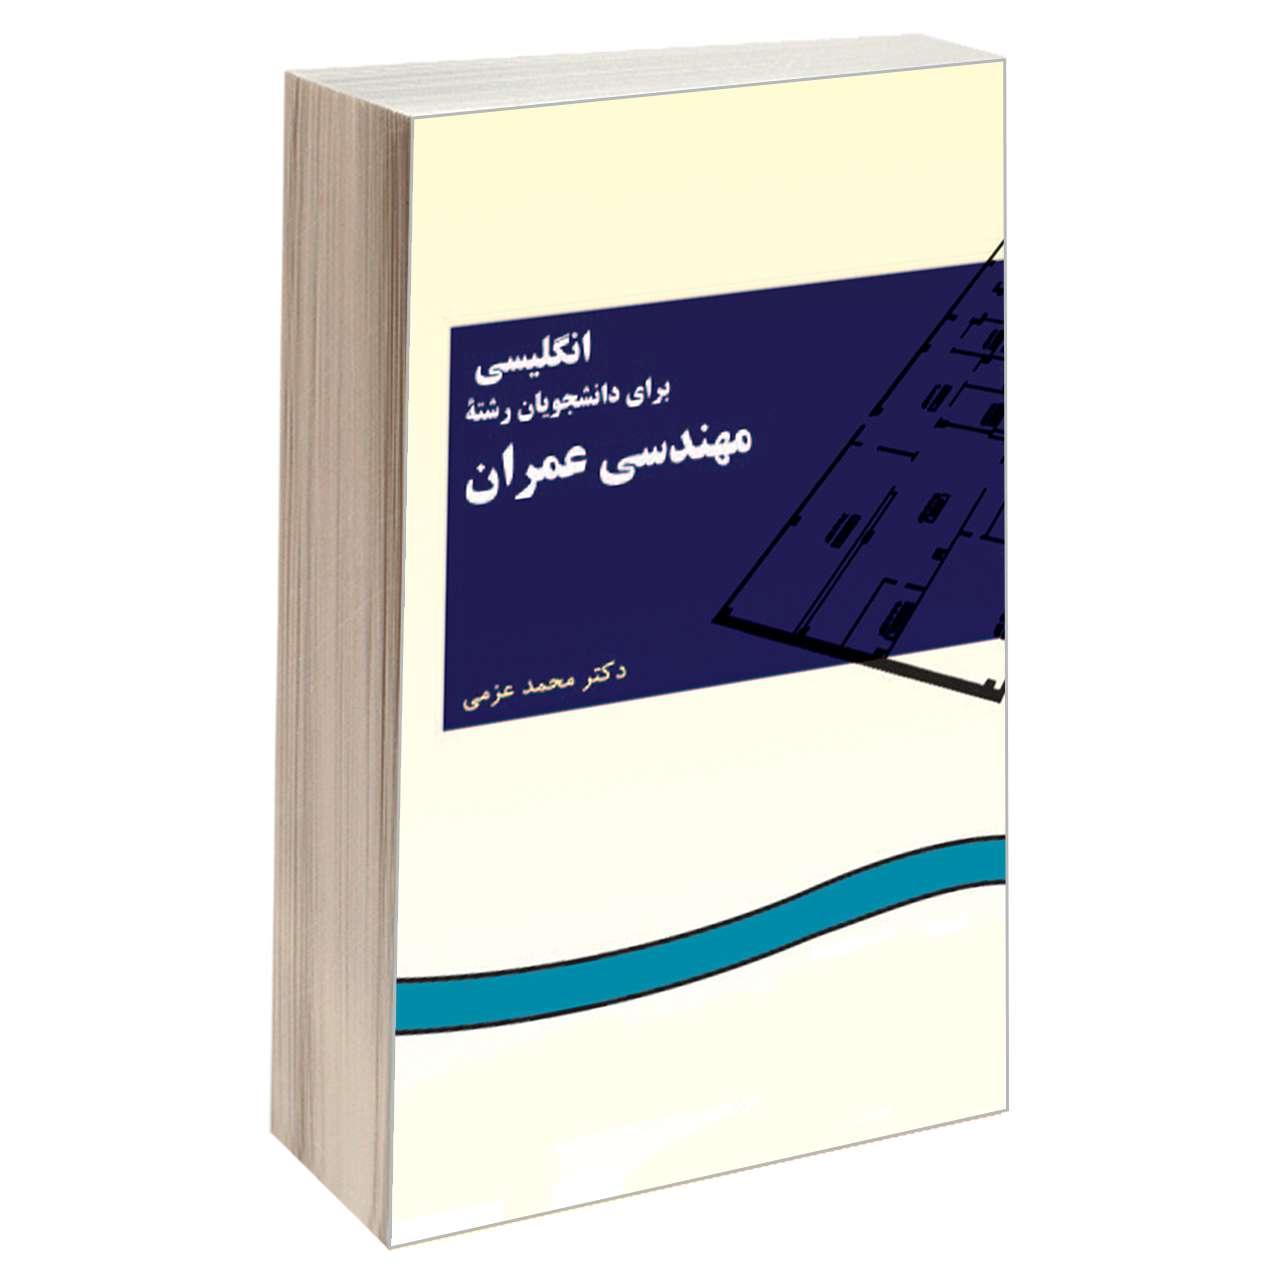 خرید                       کتاب انگلیسی برای دانشجویان رشته مهندسی عمران اثر دکتر محمد عزمی نشر سمت